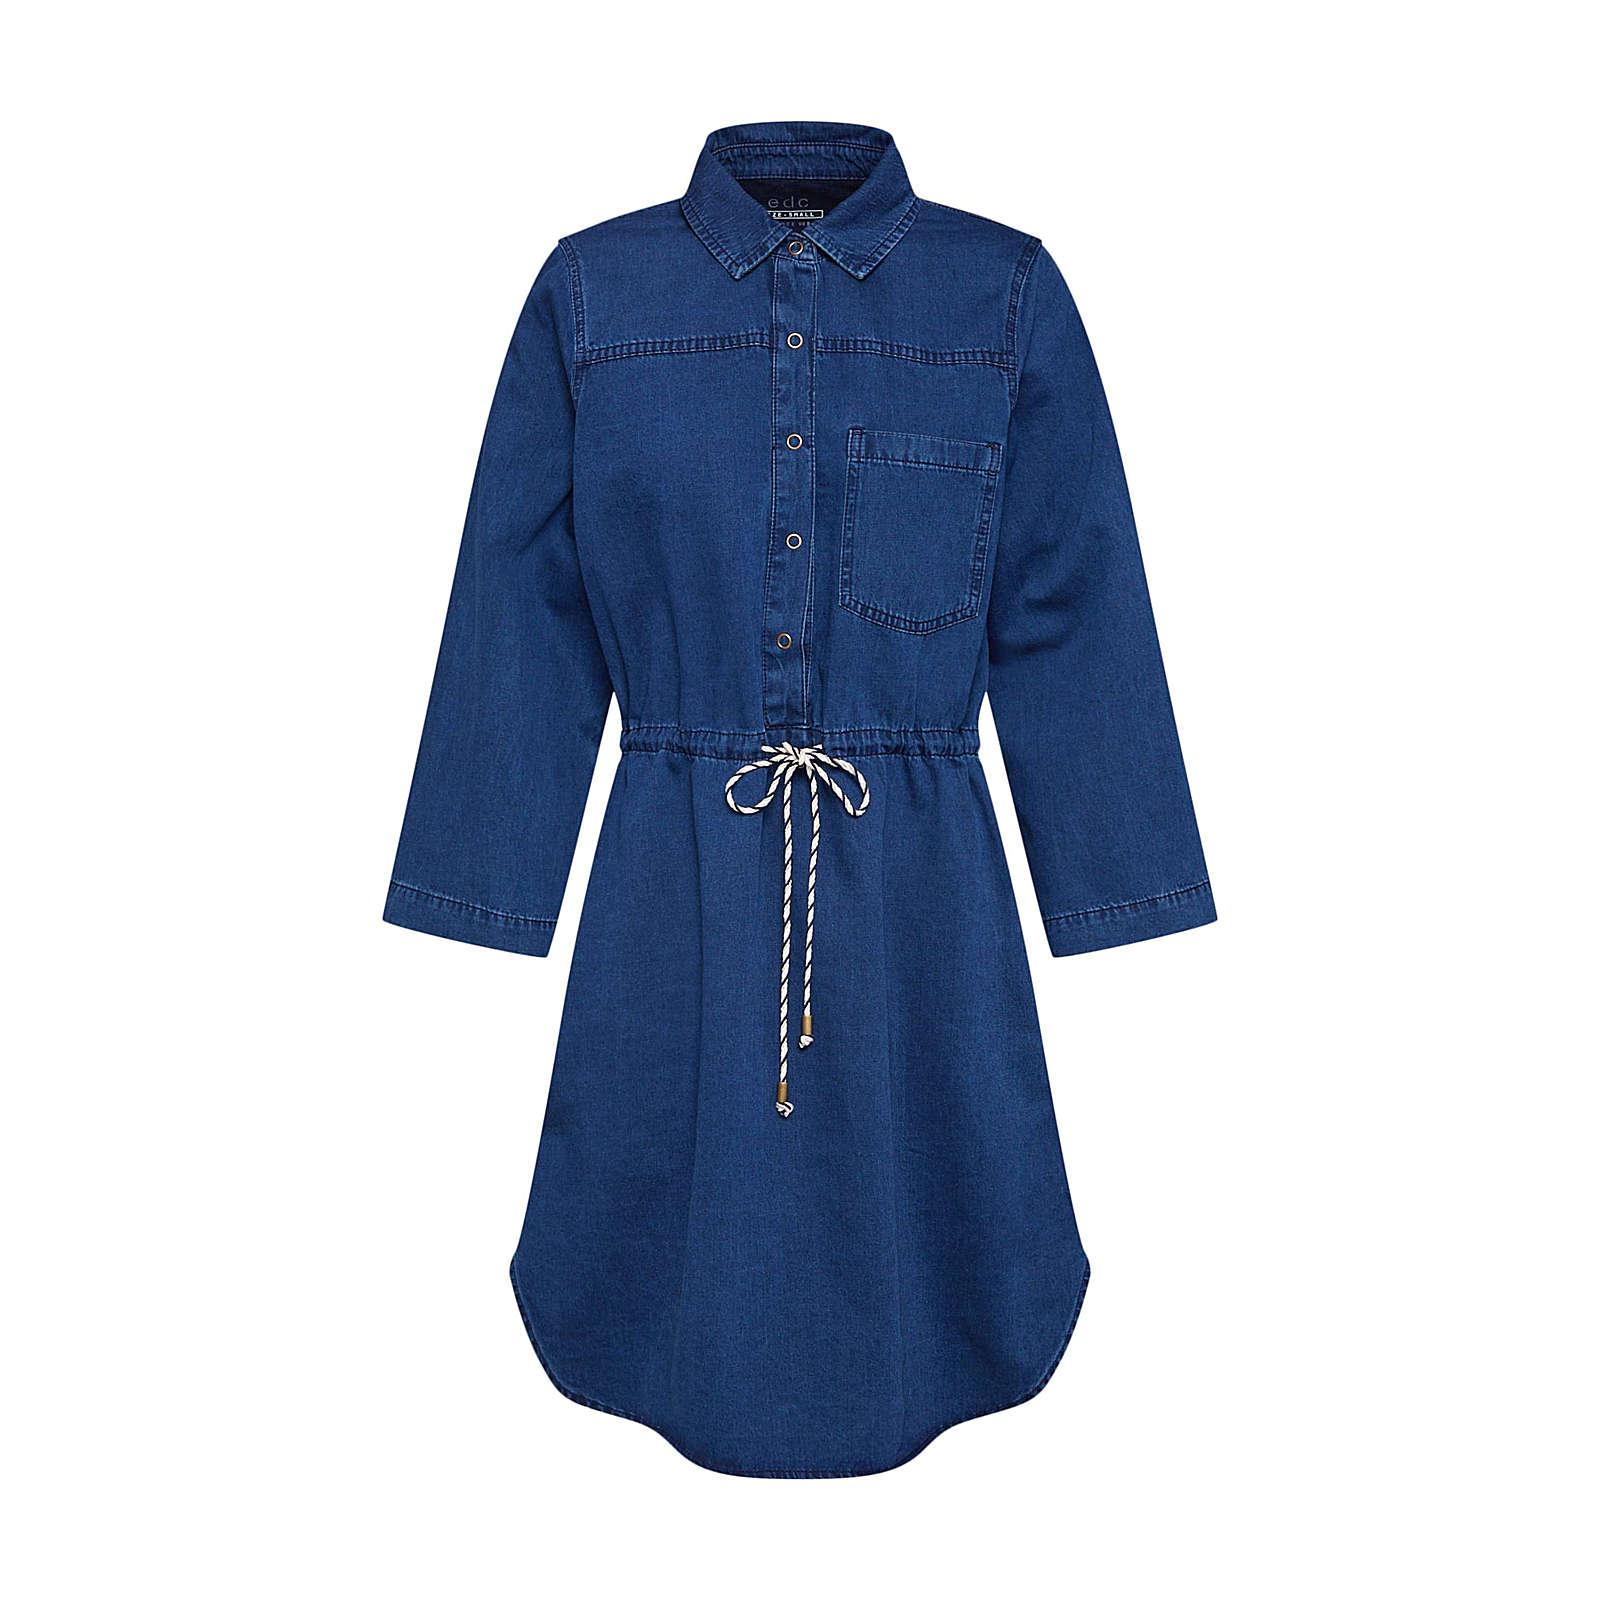 EDC BY ESPRIT Blusenkleid Blusenkleider blue denim Damen Gr. 42